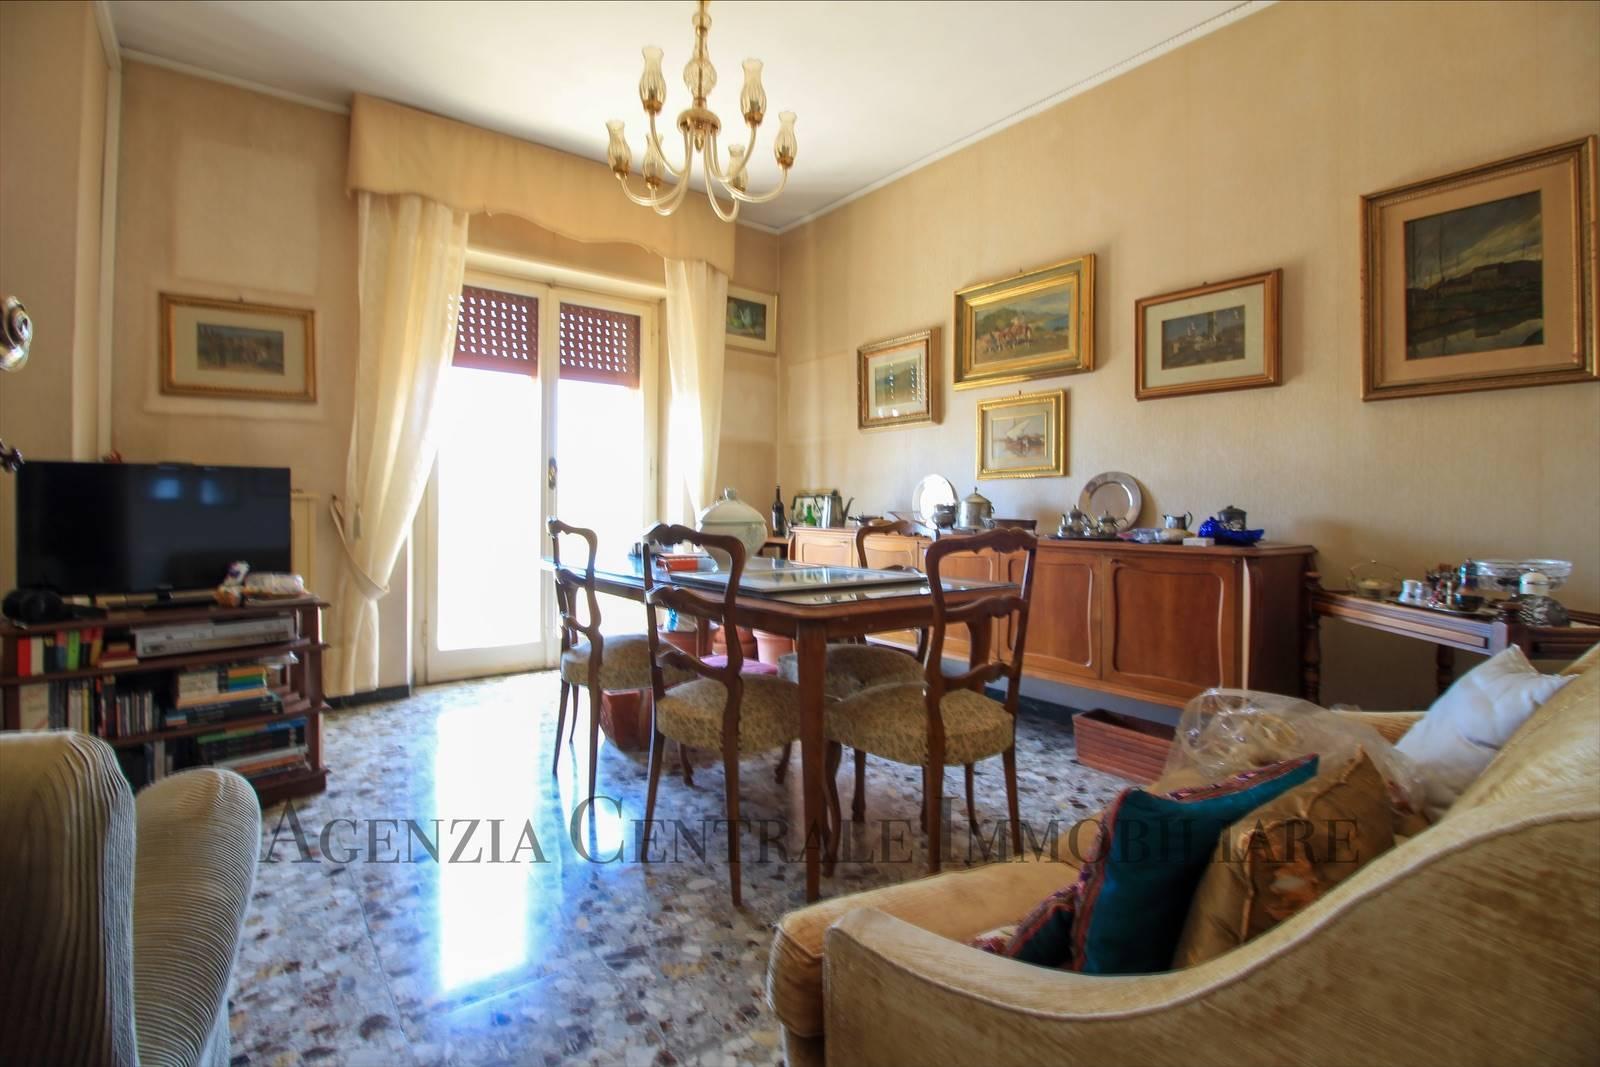 Appartamento in vendita a Grosseto, 5 locali, zona Località: CENTRO CITTÀ, prezzo € 200.000 | CambioCasa.it